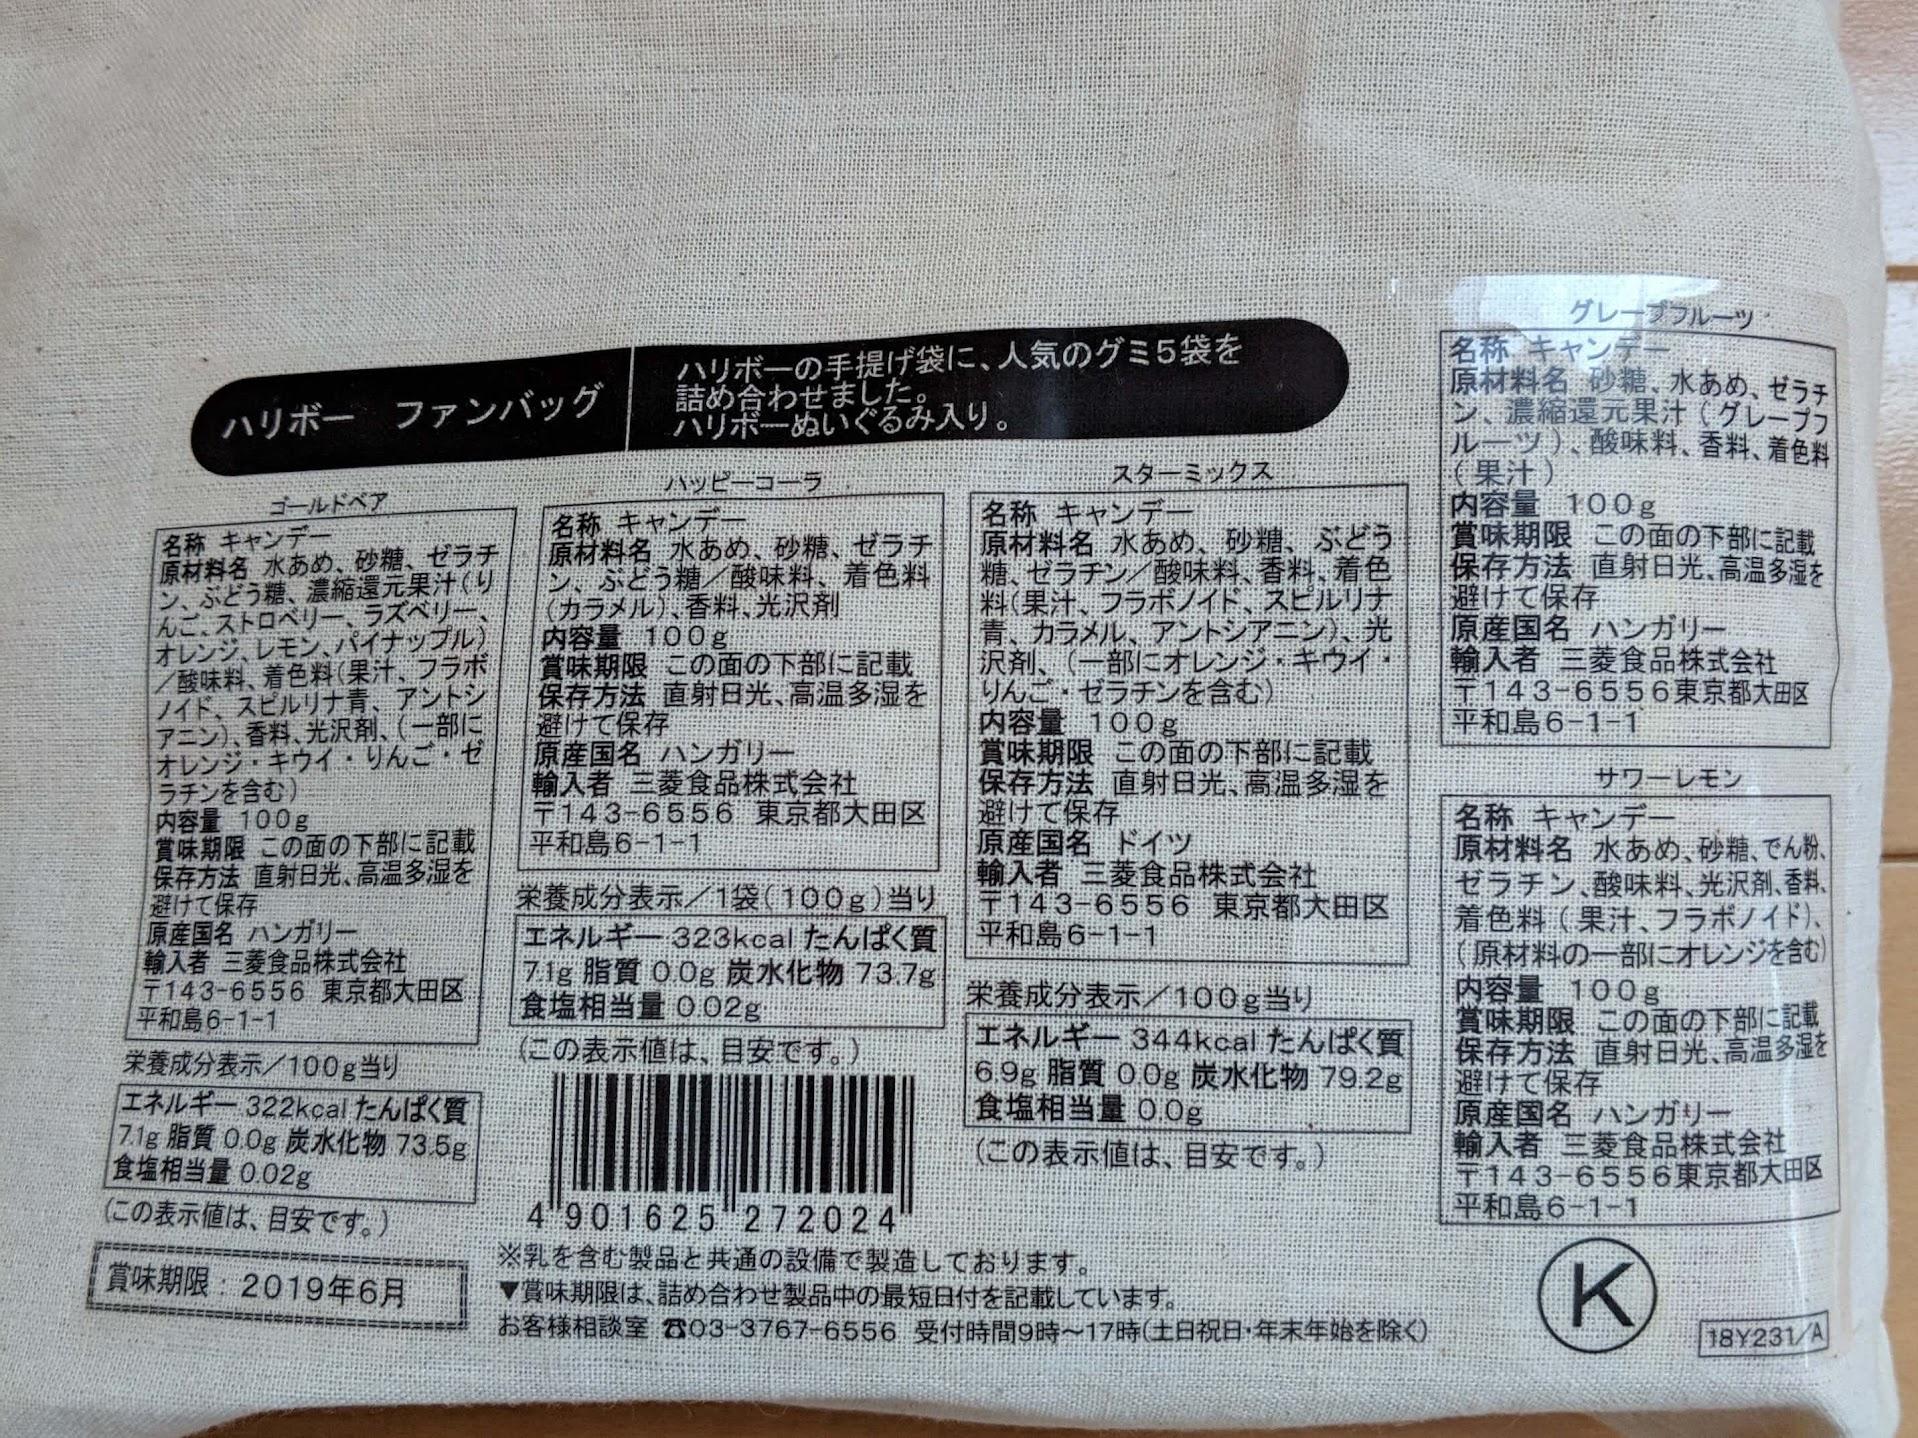 ハリボーファンバッグ 栄養成分表示